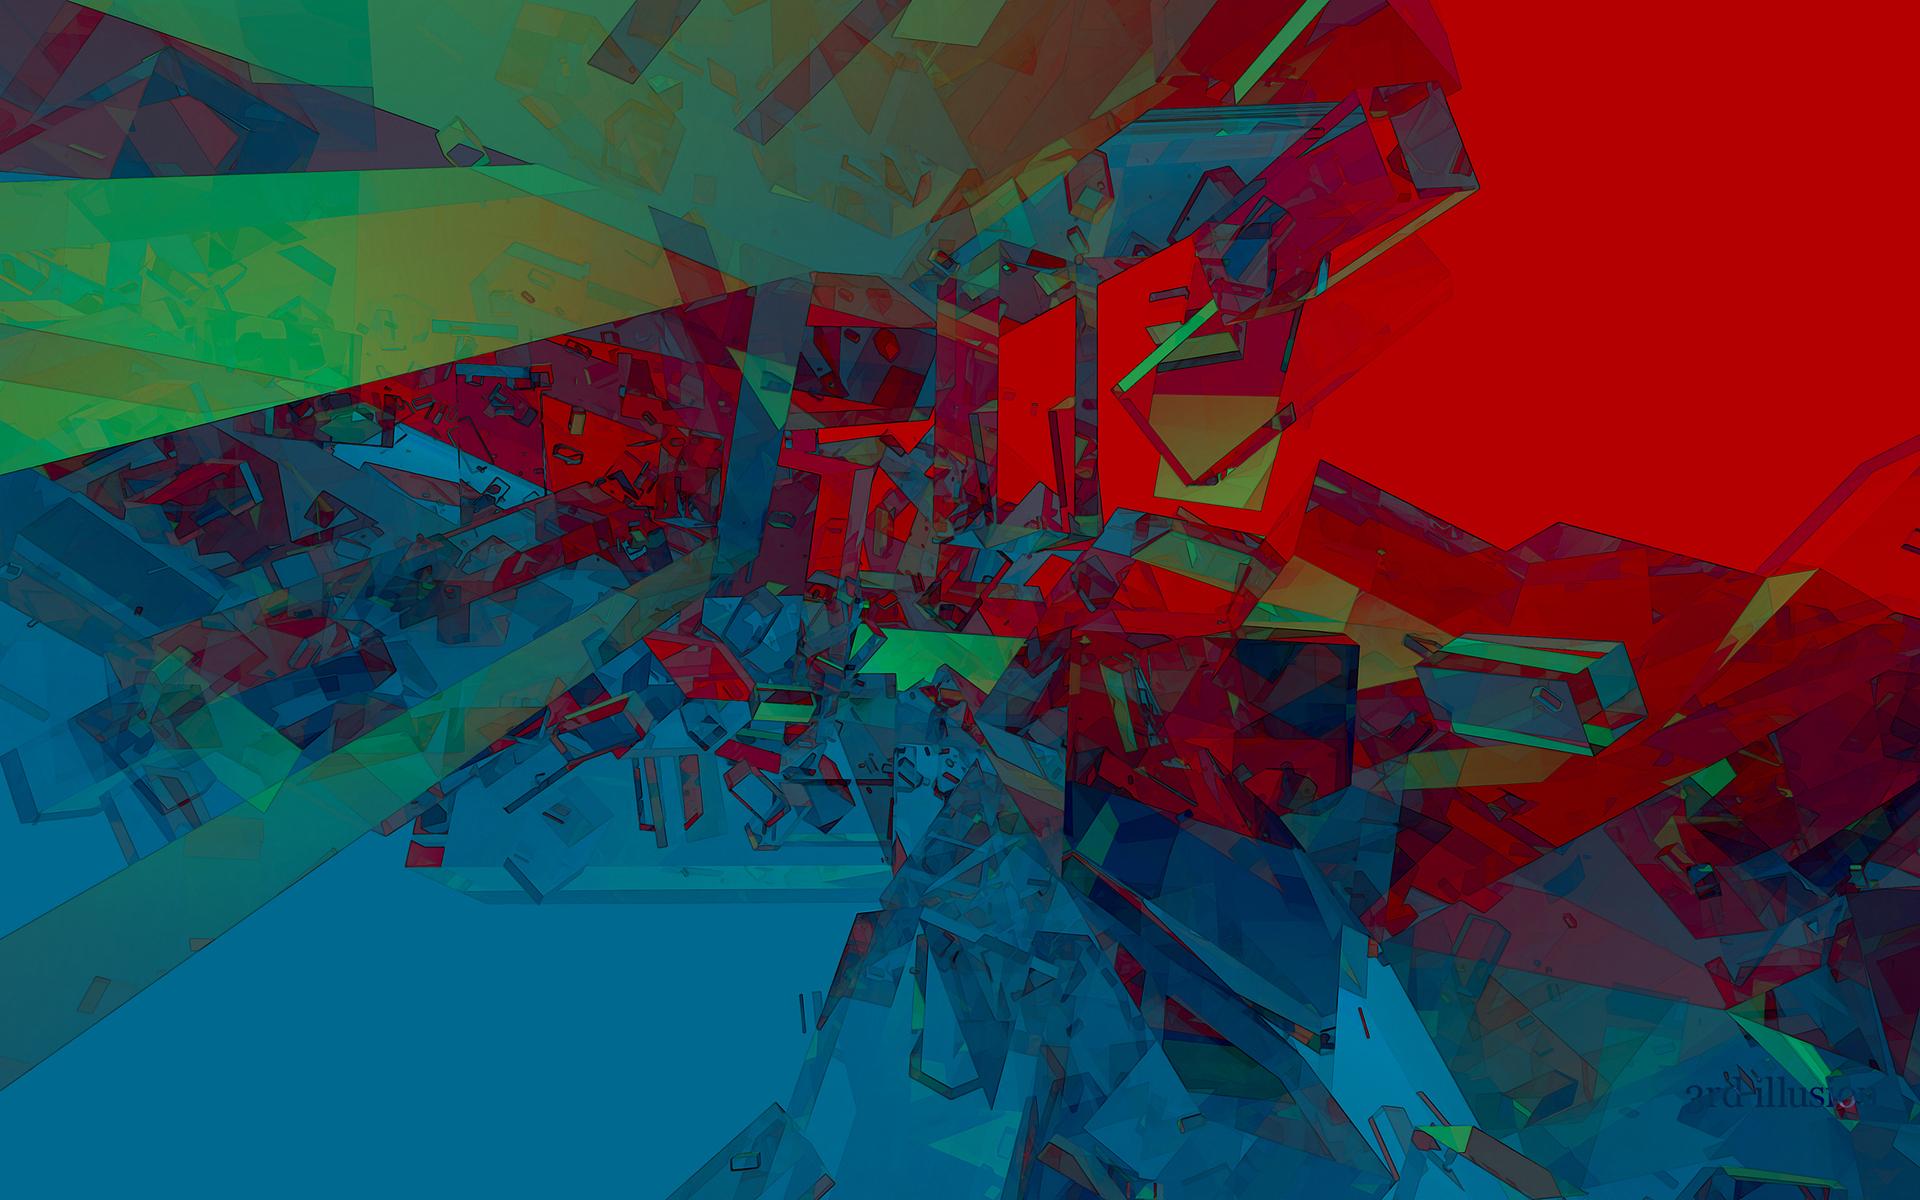 3i : prismatix by 3rdillusion